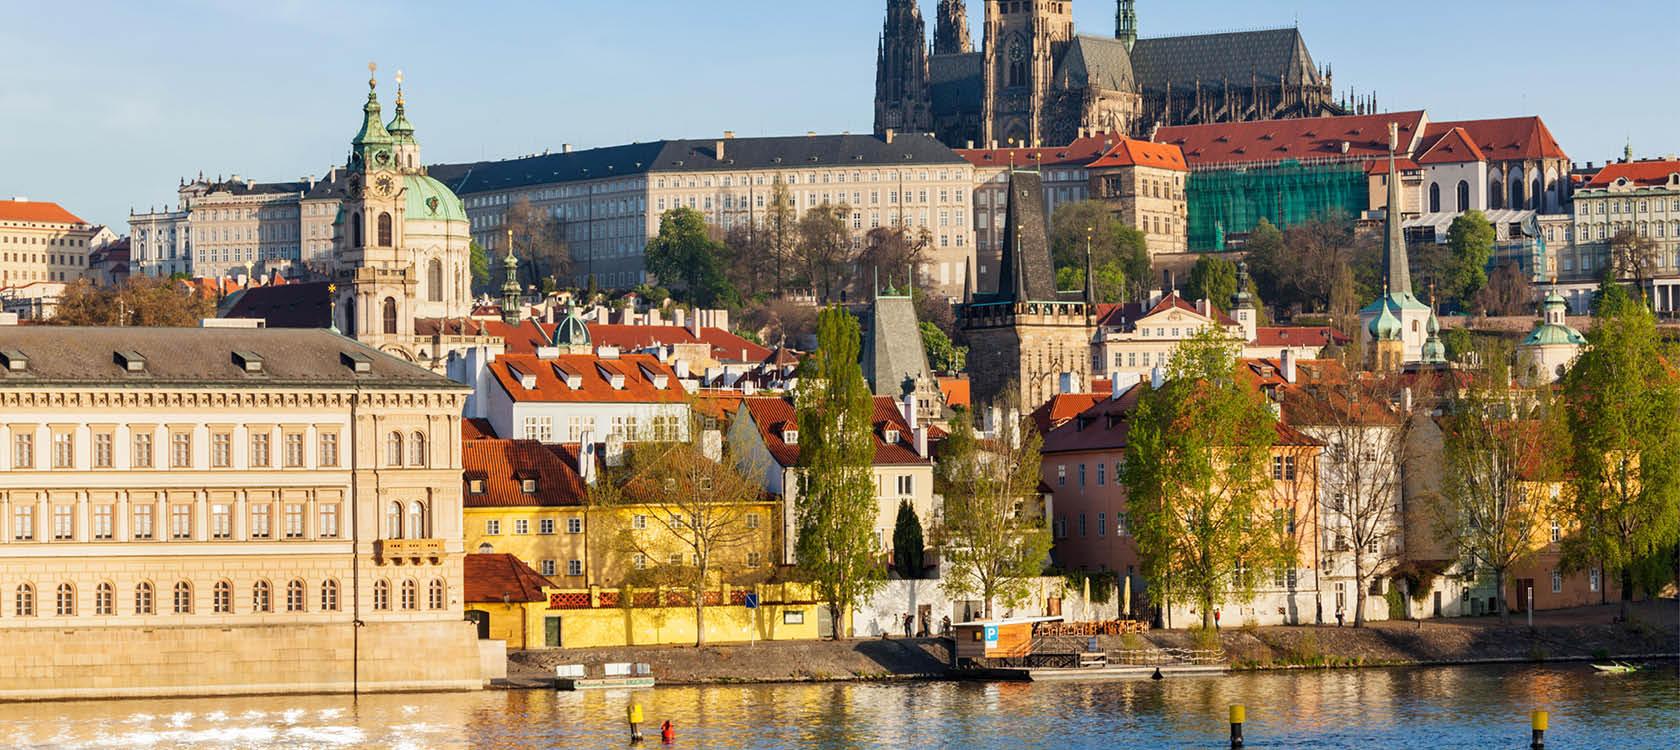 silhuett över prag med floden, slottet och gamla byggnader